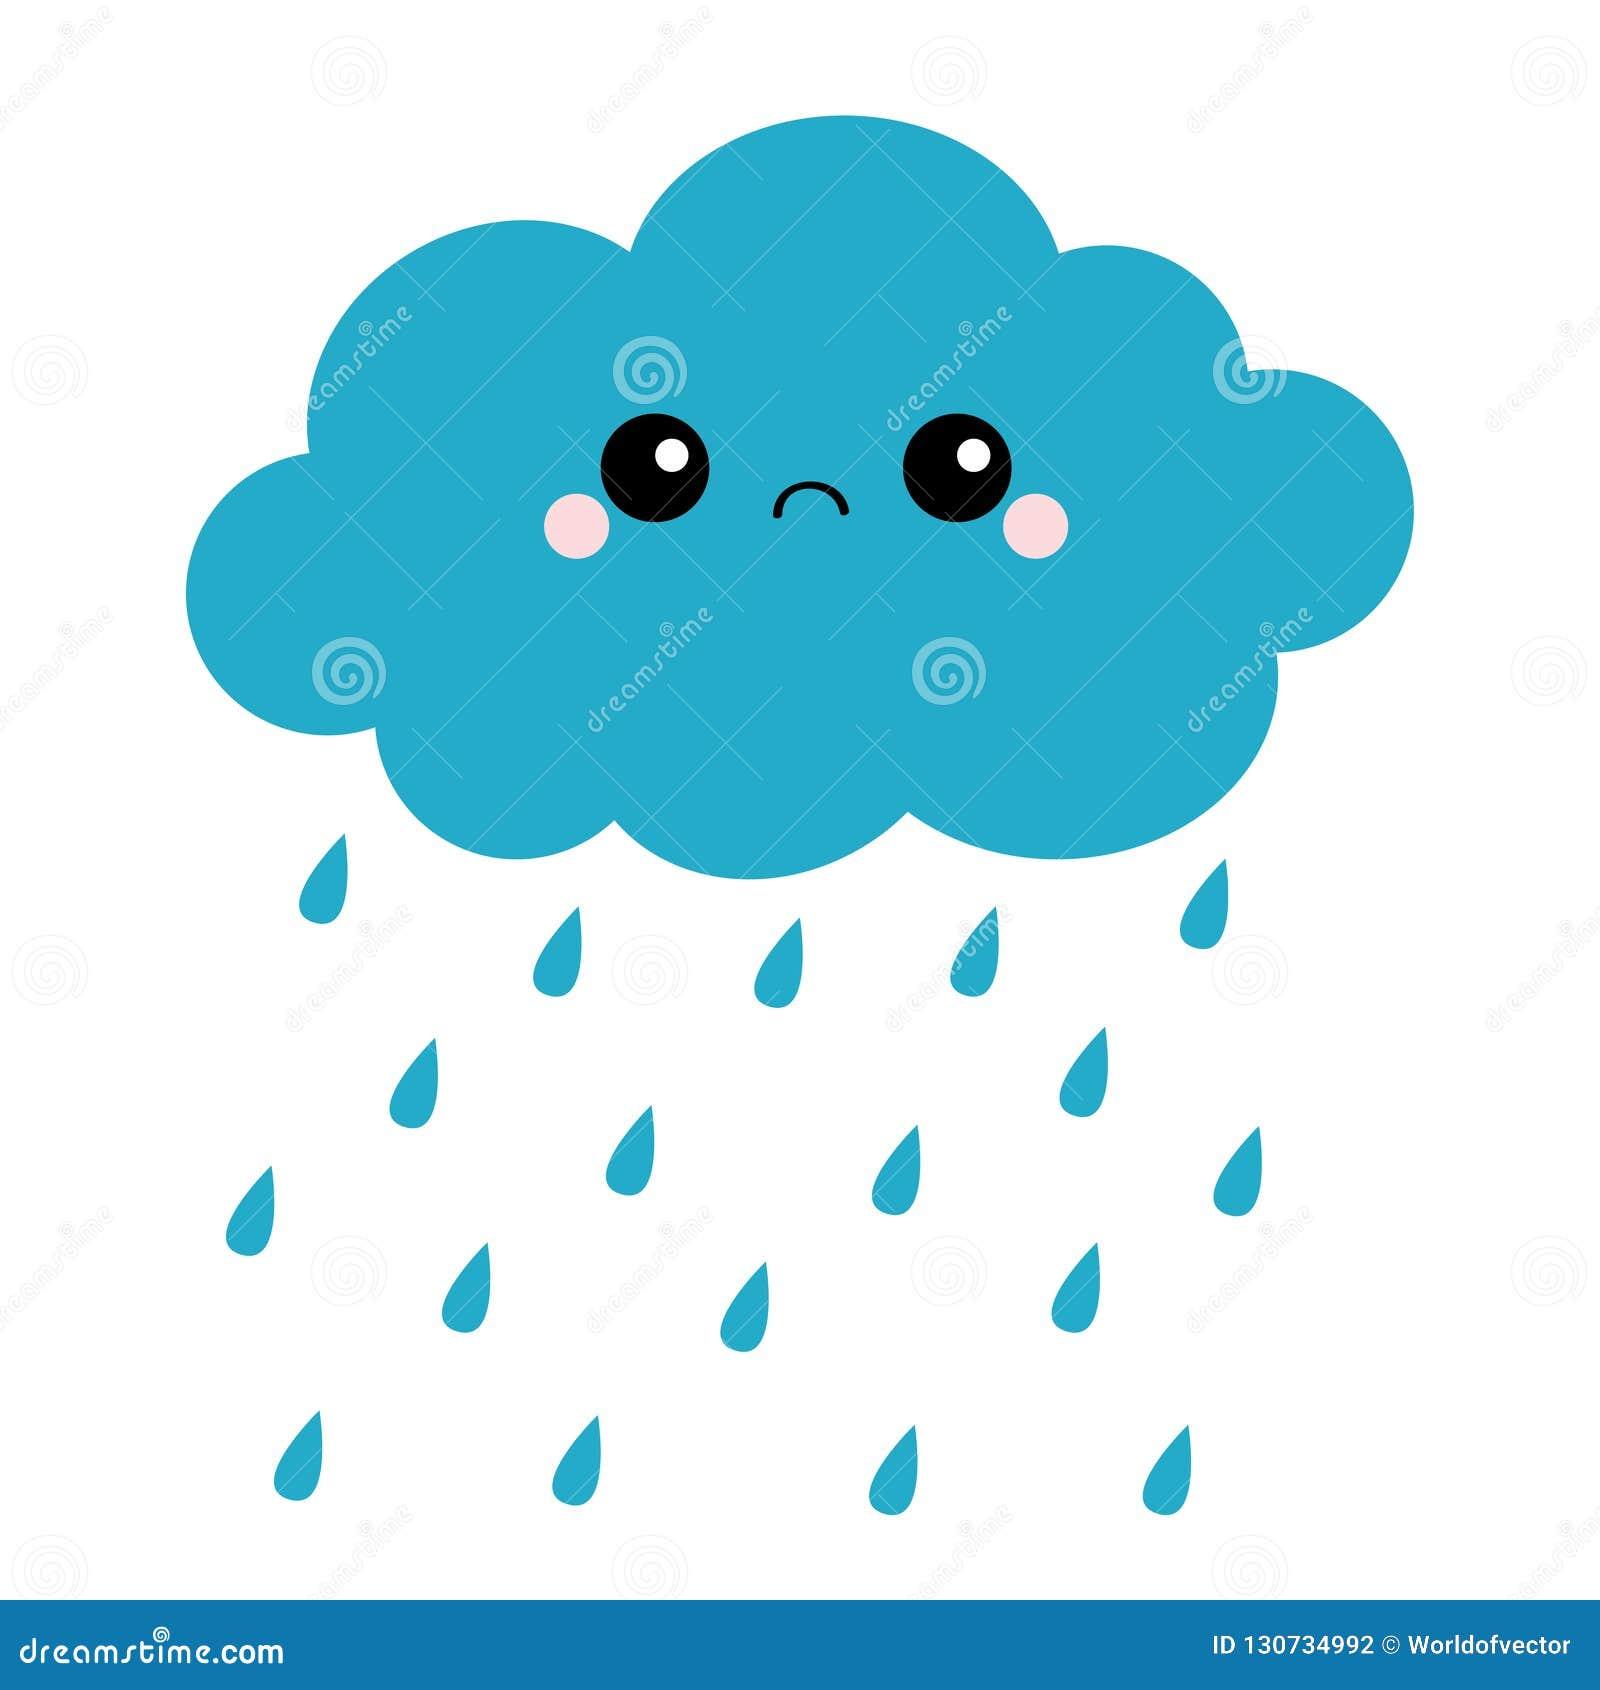 Nuvem Escura Do Kawaii Bonito Dos Desenhos Animados Com Gotas Da Chuva  Emoção Triste Da Cara Olhos E Boca Isolado Fundo Branco Co Ilustração do  Vetor - Ilustração de boca, kawaii: 130734992